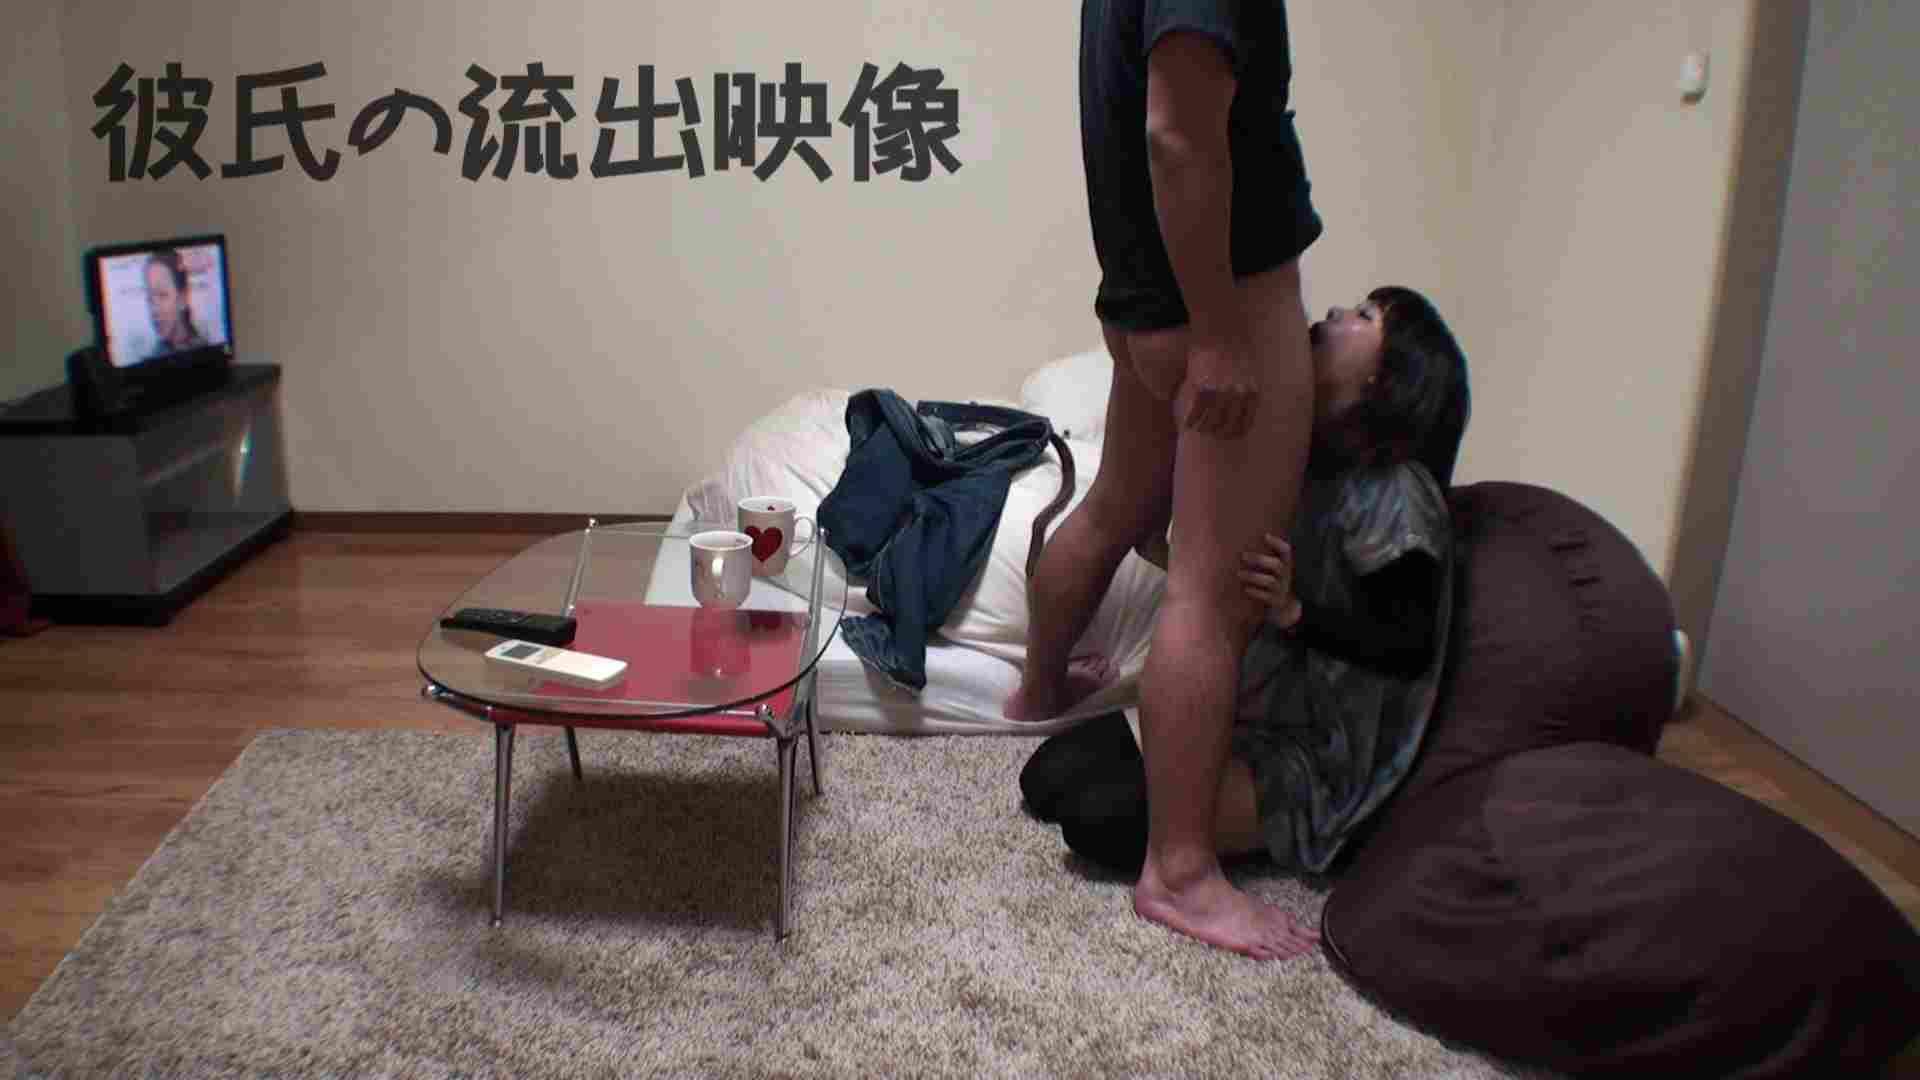 彼氏が流出 パイパン素人嬢のハメ撮り映像02 素人のぞき   一般投稿  46pic 7